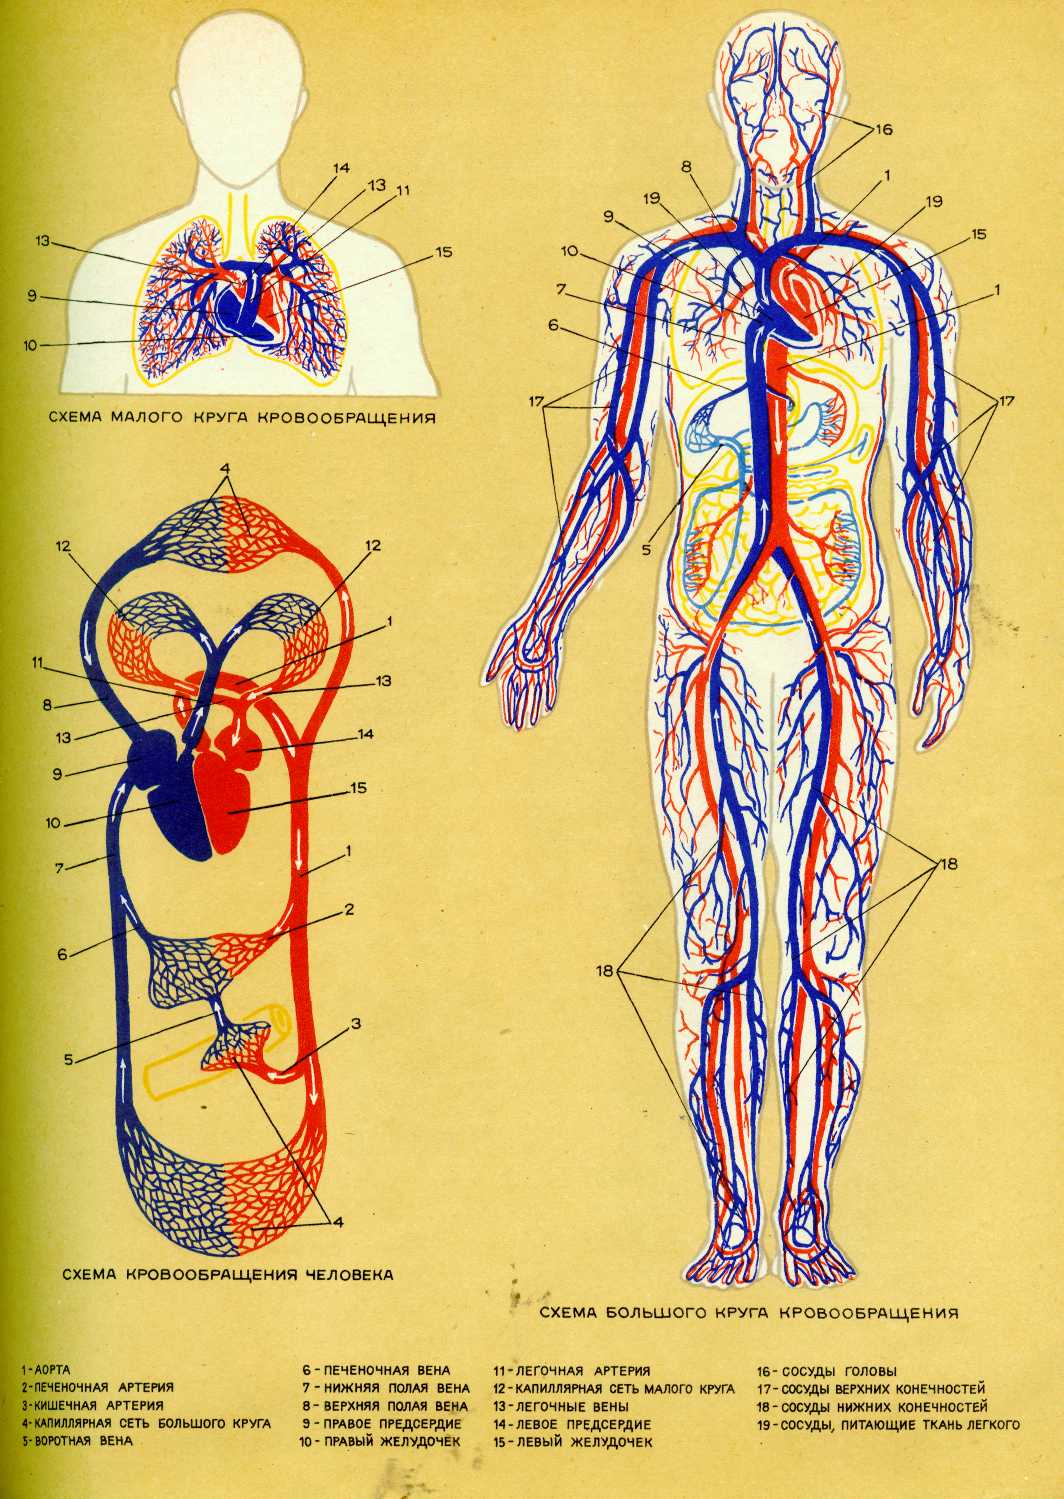 Большой и малый круг кровообращения схема кратко